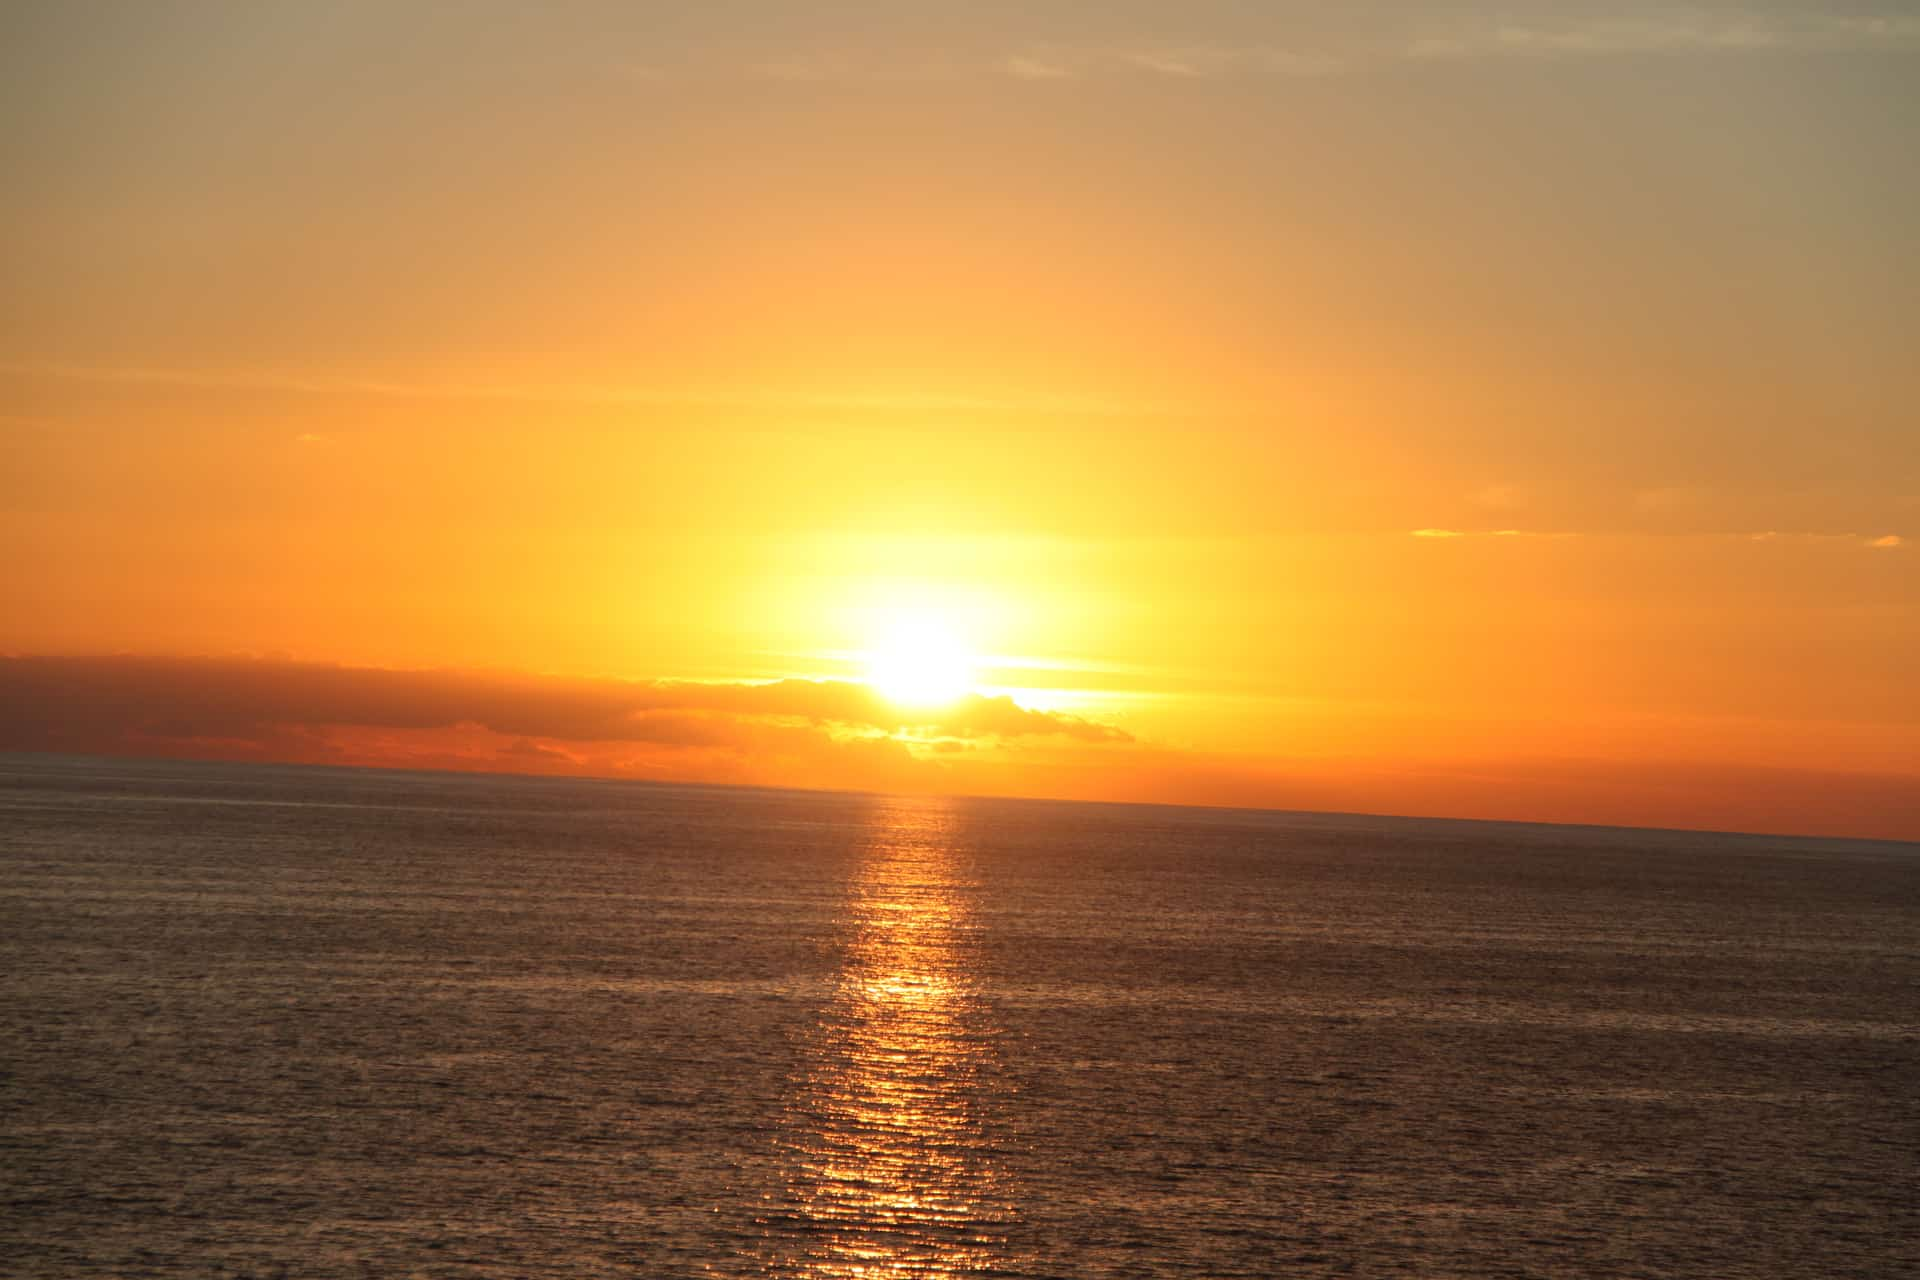 Schöner_Sonnenuntergang_19-1